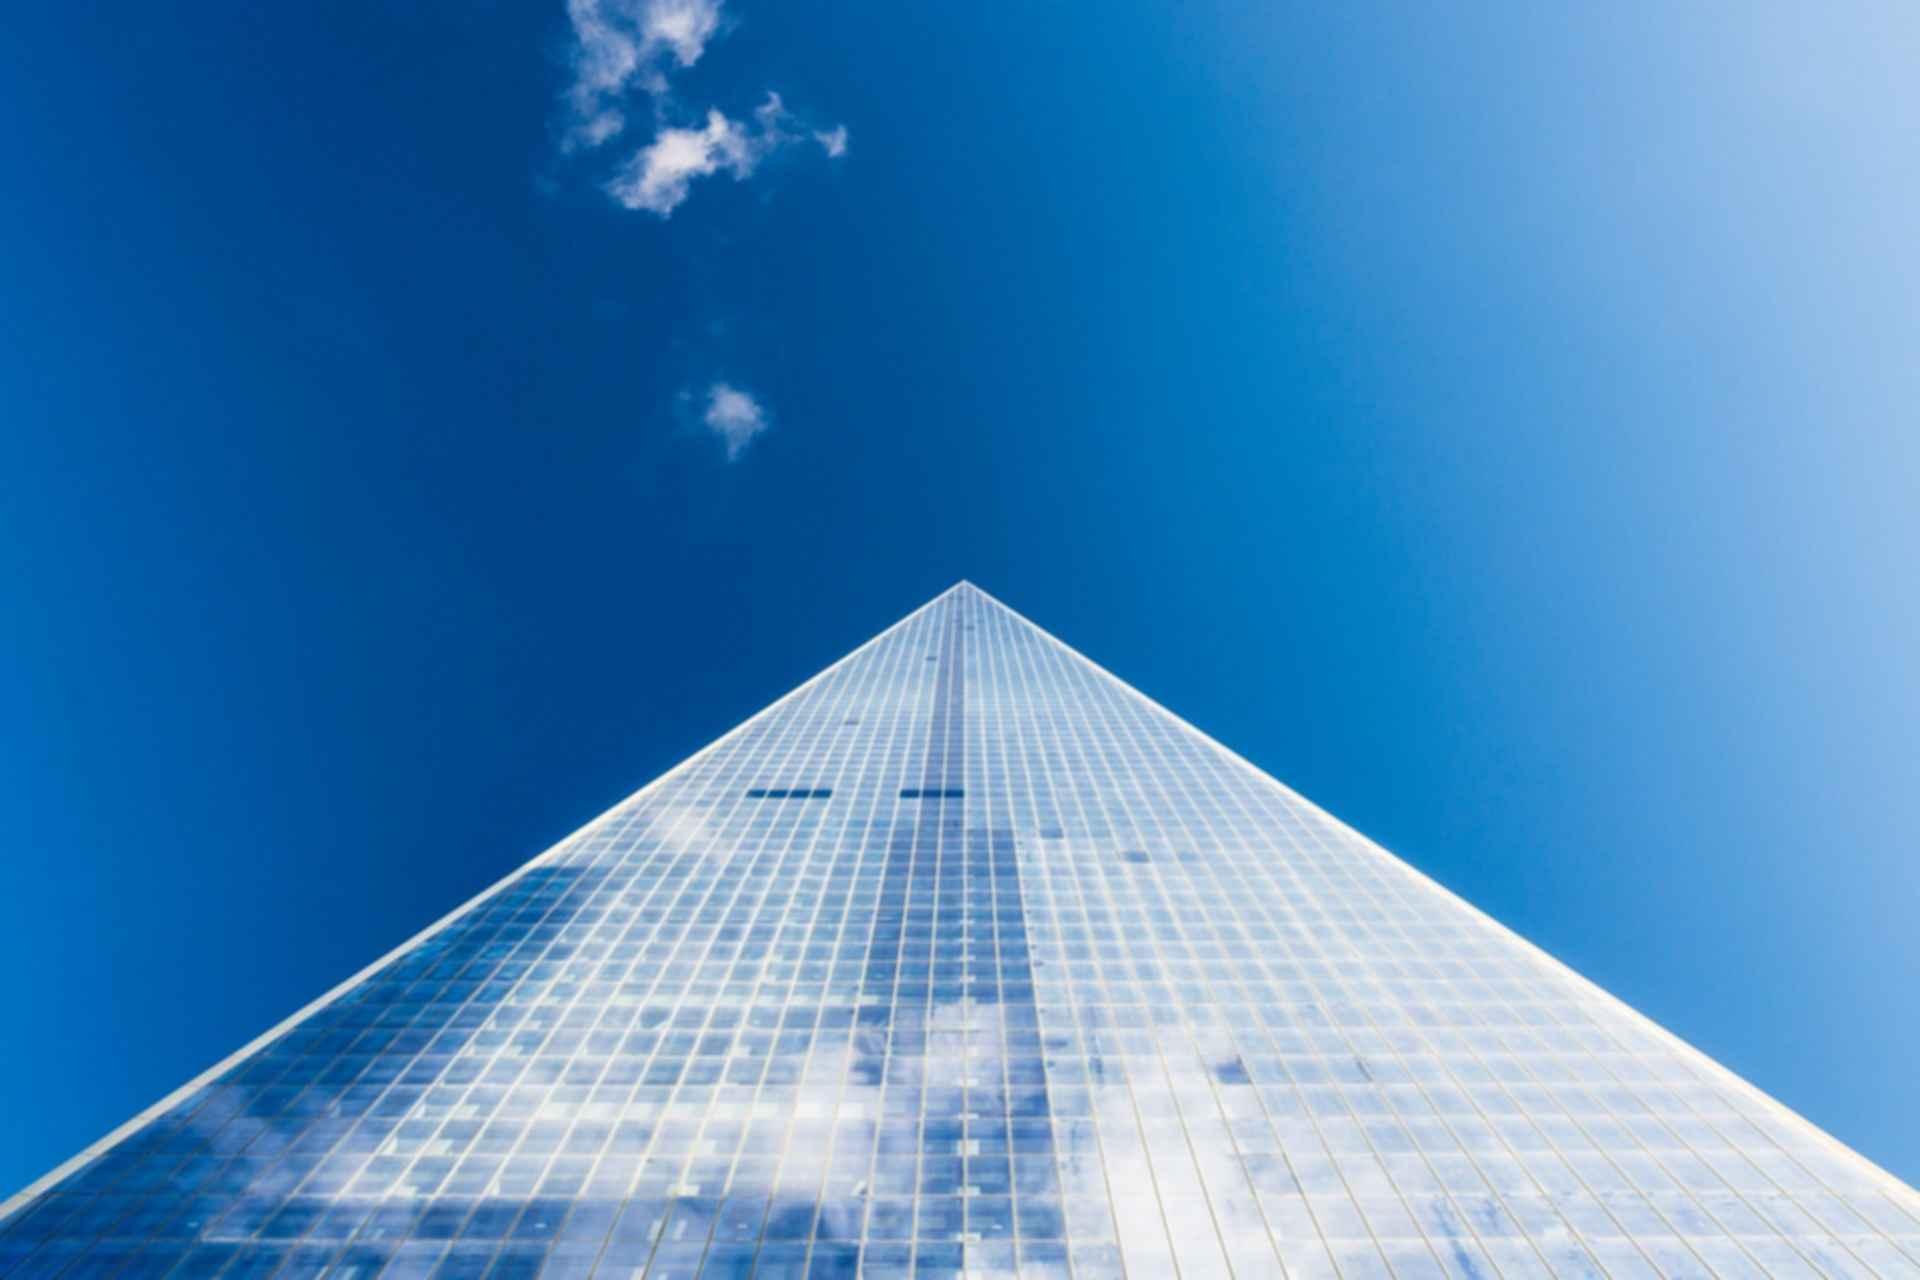 Pyramid skyscraper